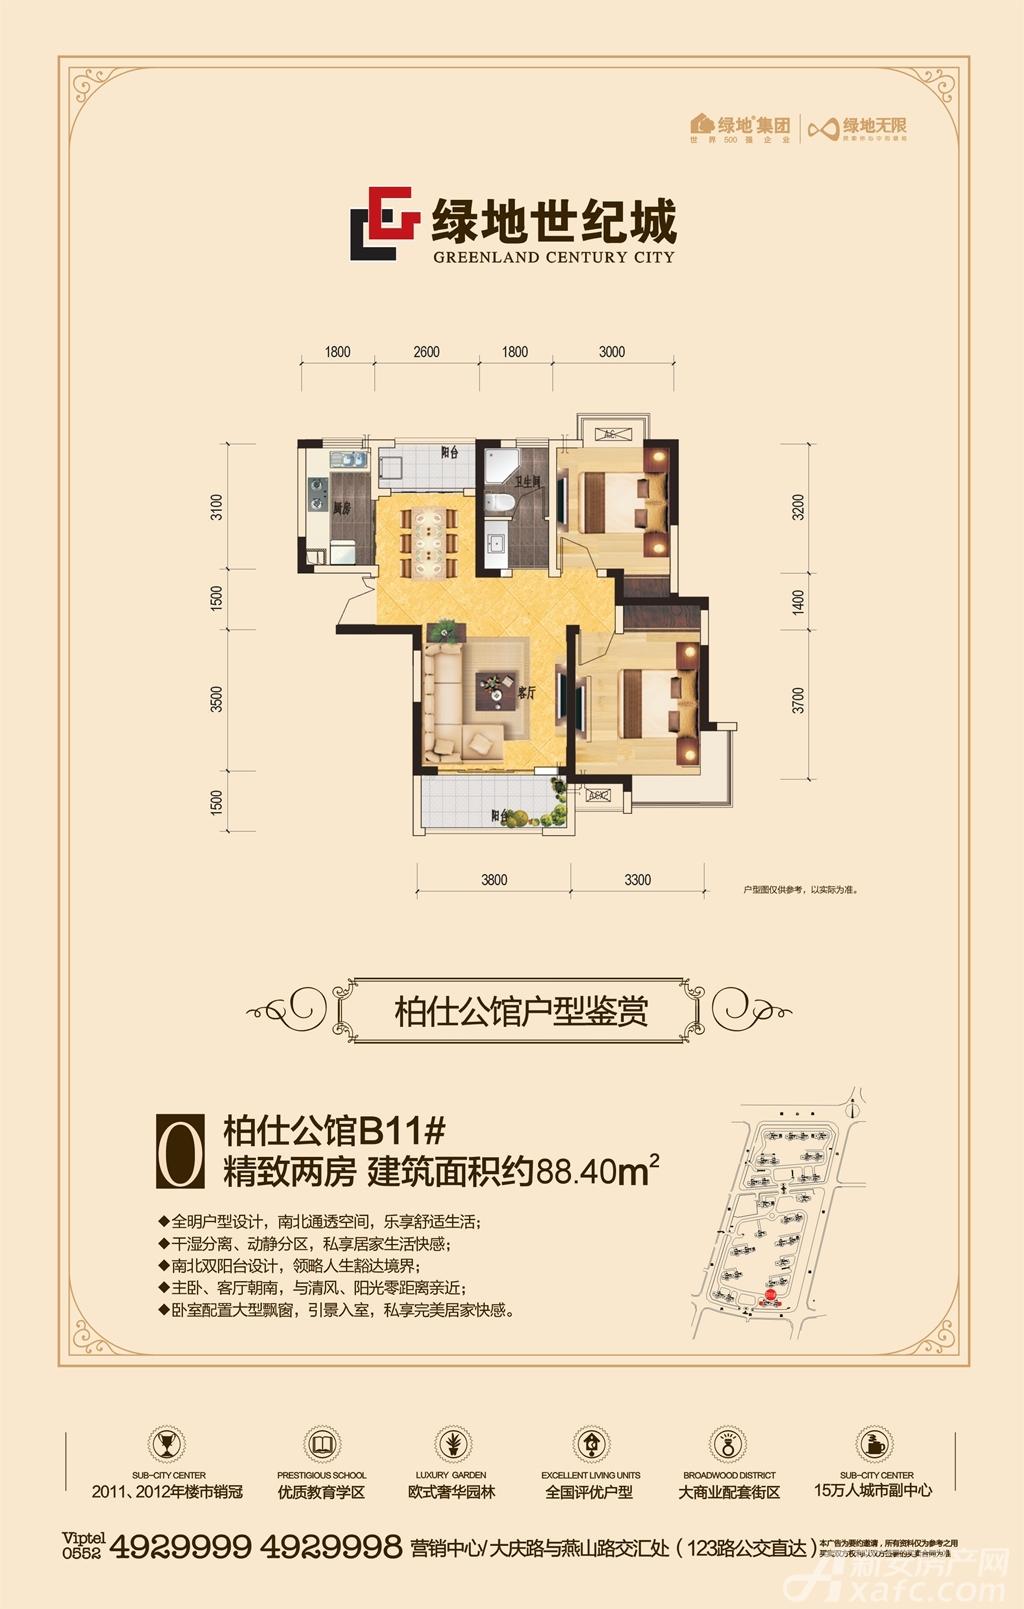 绿地世纪城绿地世纪城OB11#楼O户型2室2厅88.40平米